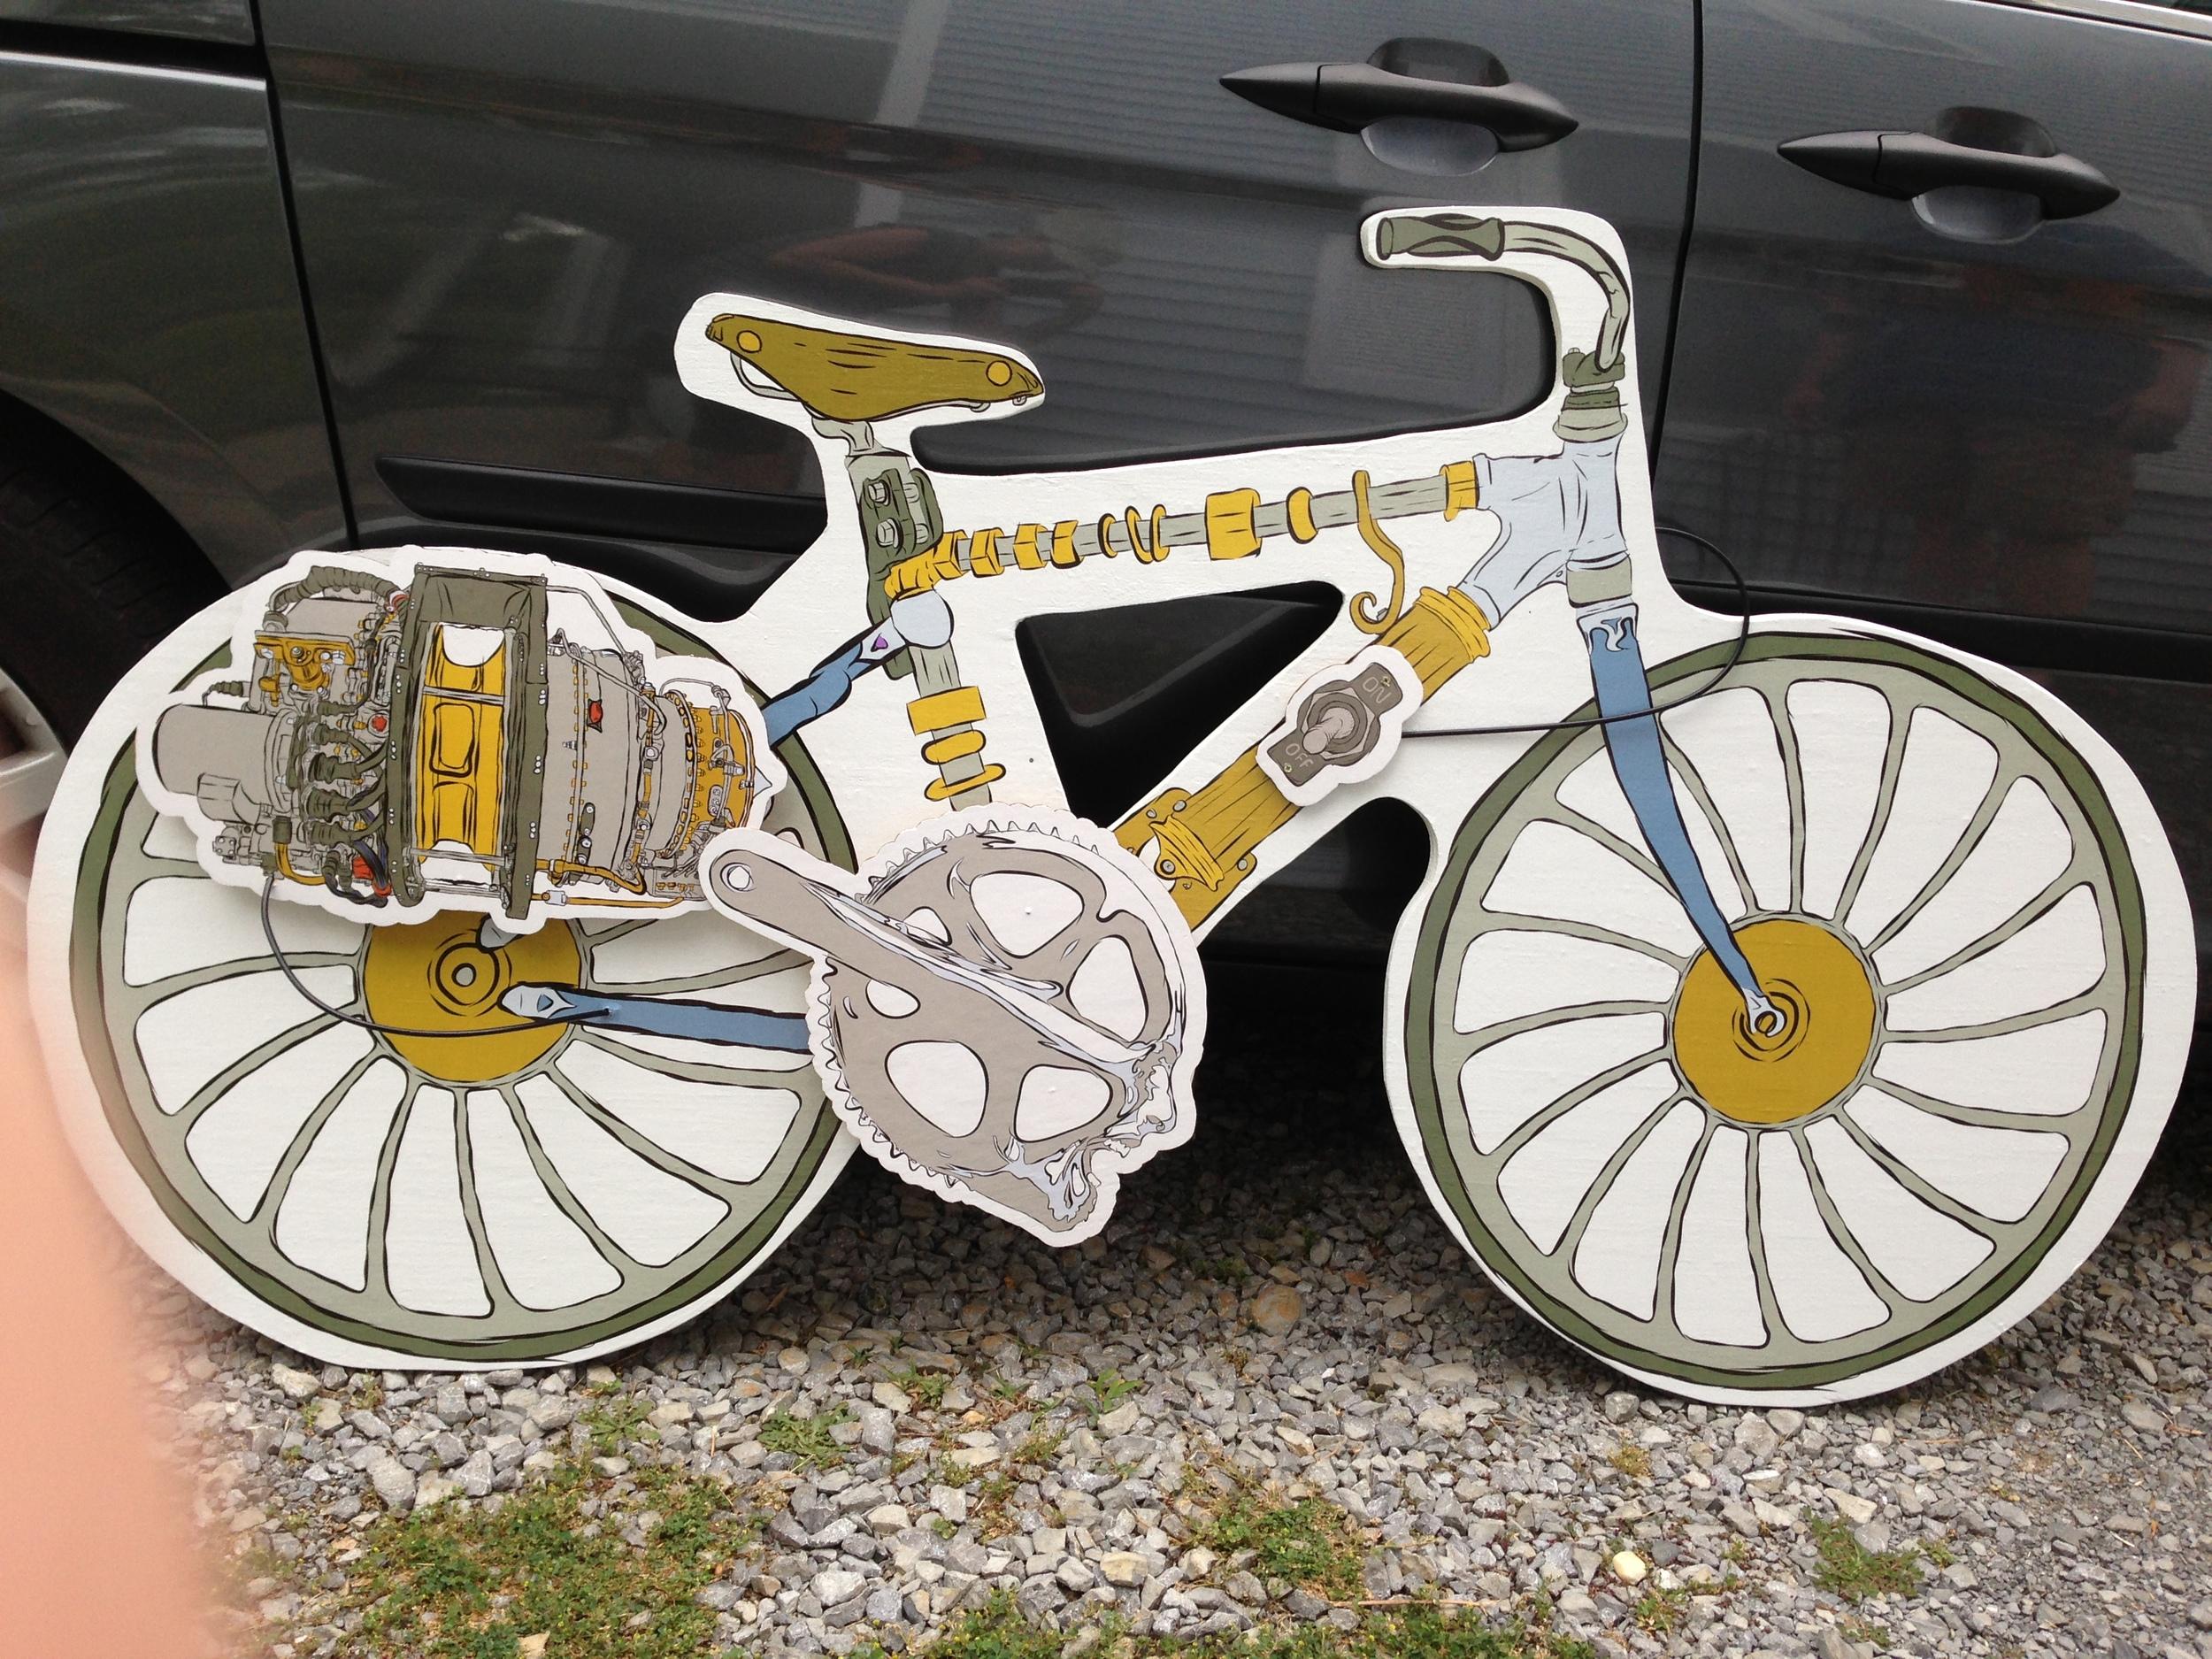 isaac bike against van.JPG